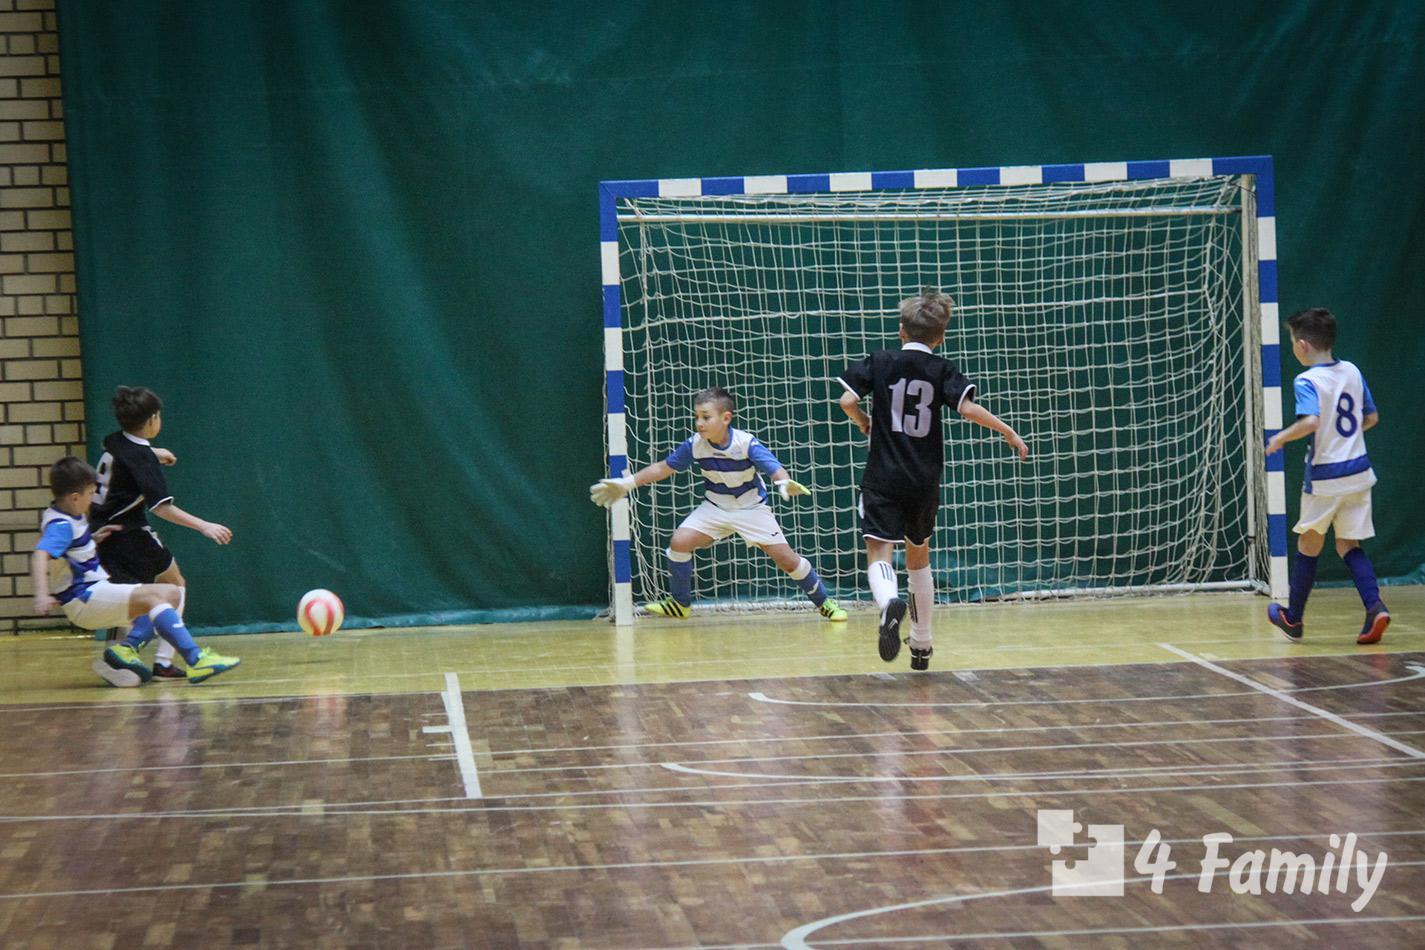 4family Детский футбол в украине: проблемы и перспективы развития